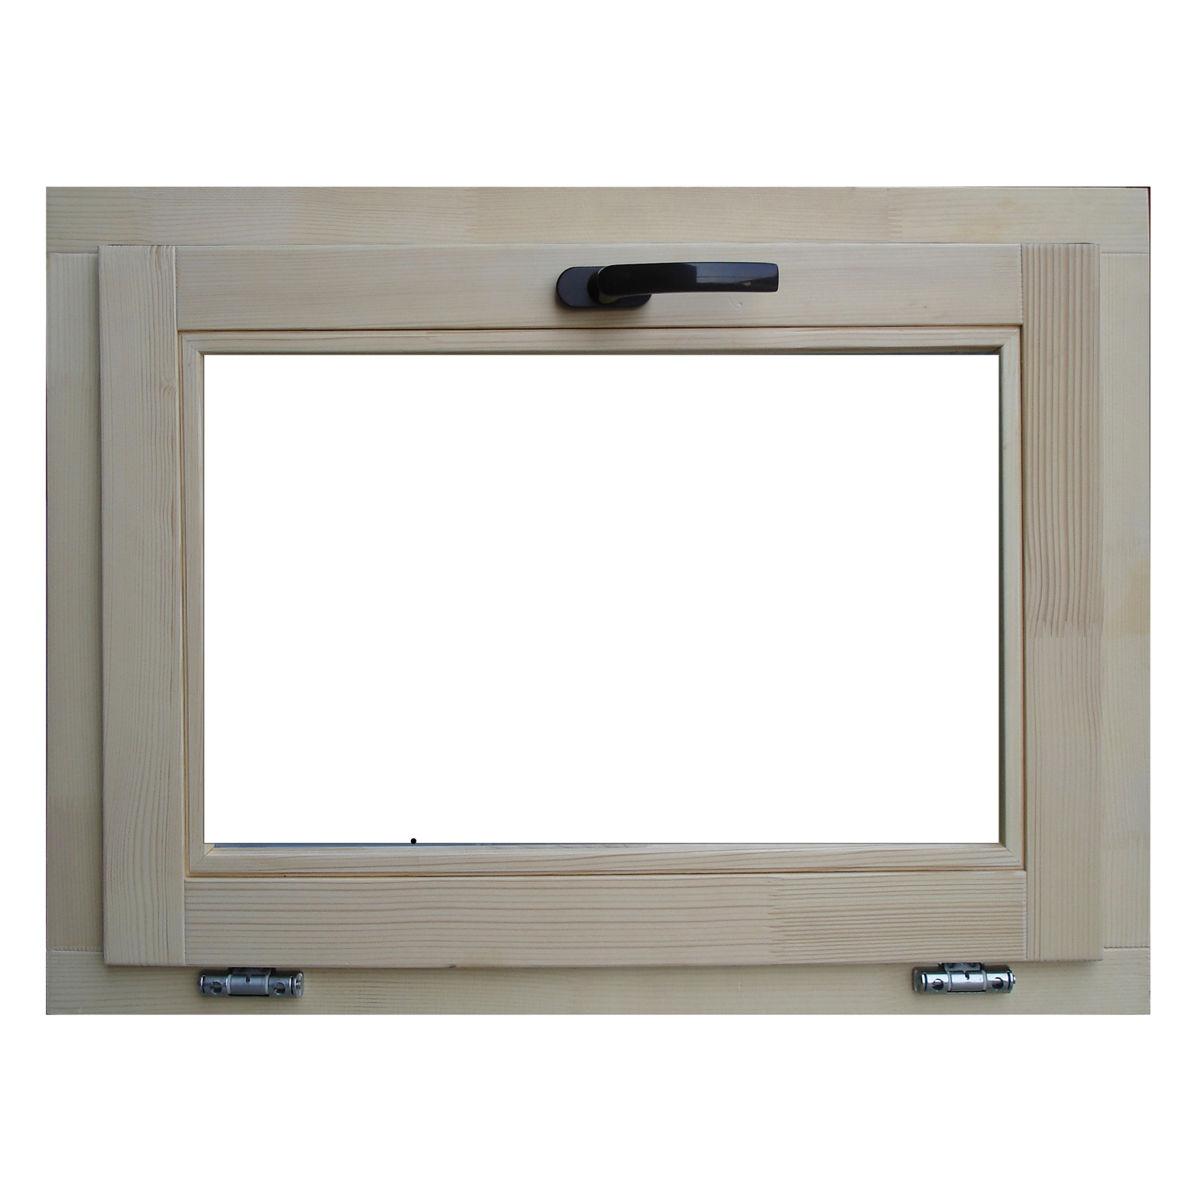 Finestre: offerte e prezzi finestre in pvc e in legno